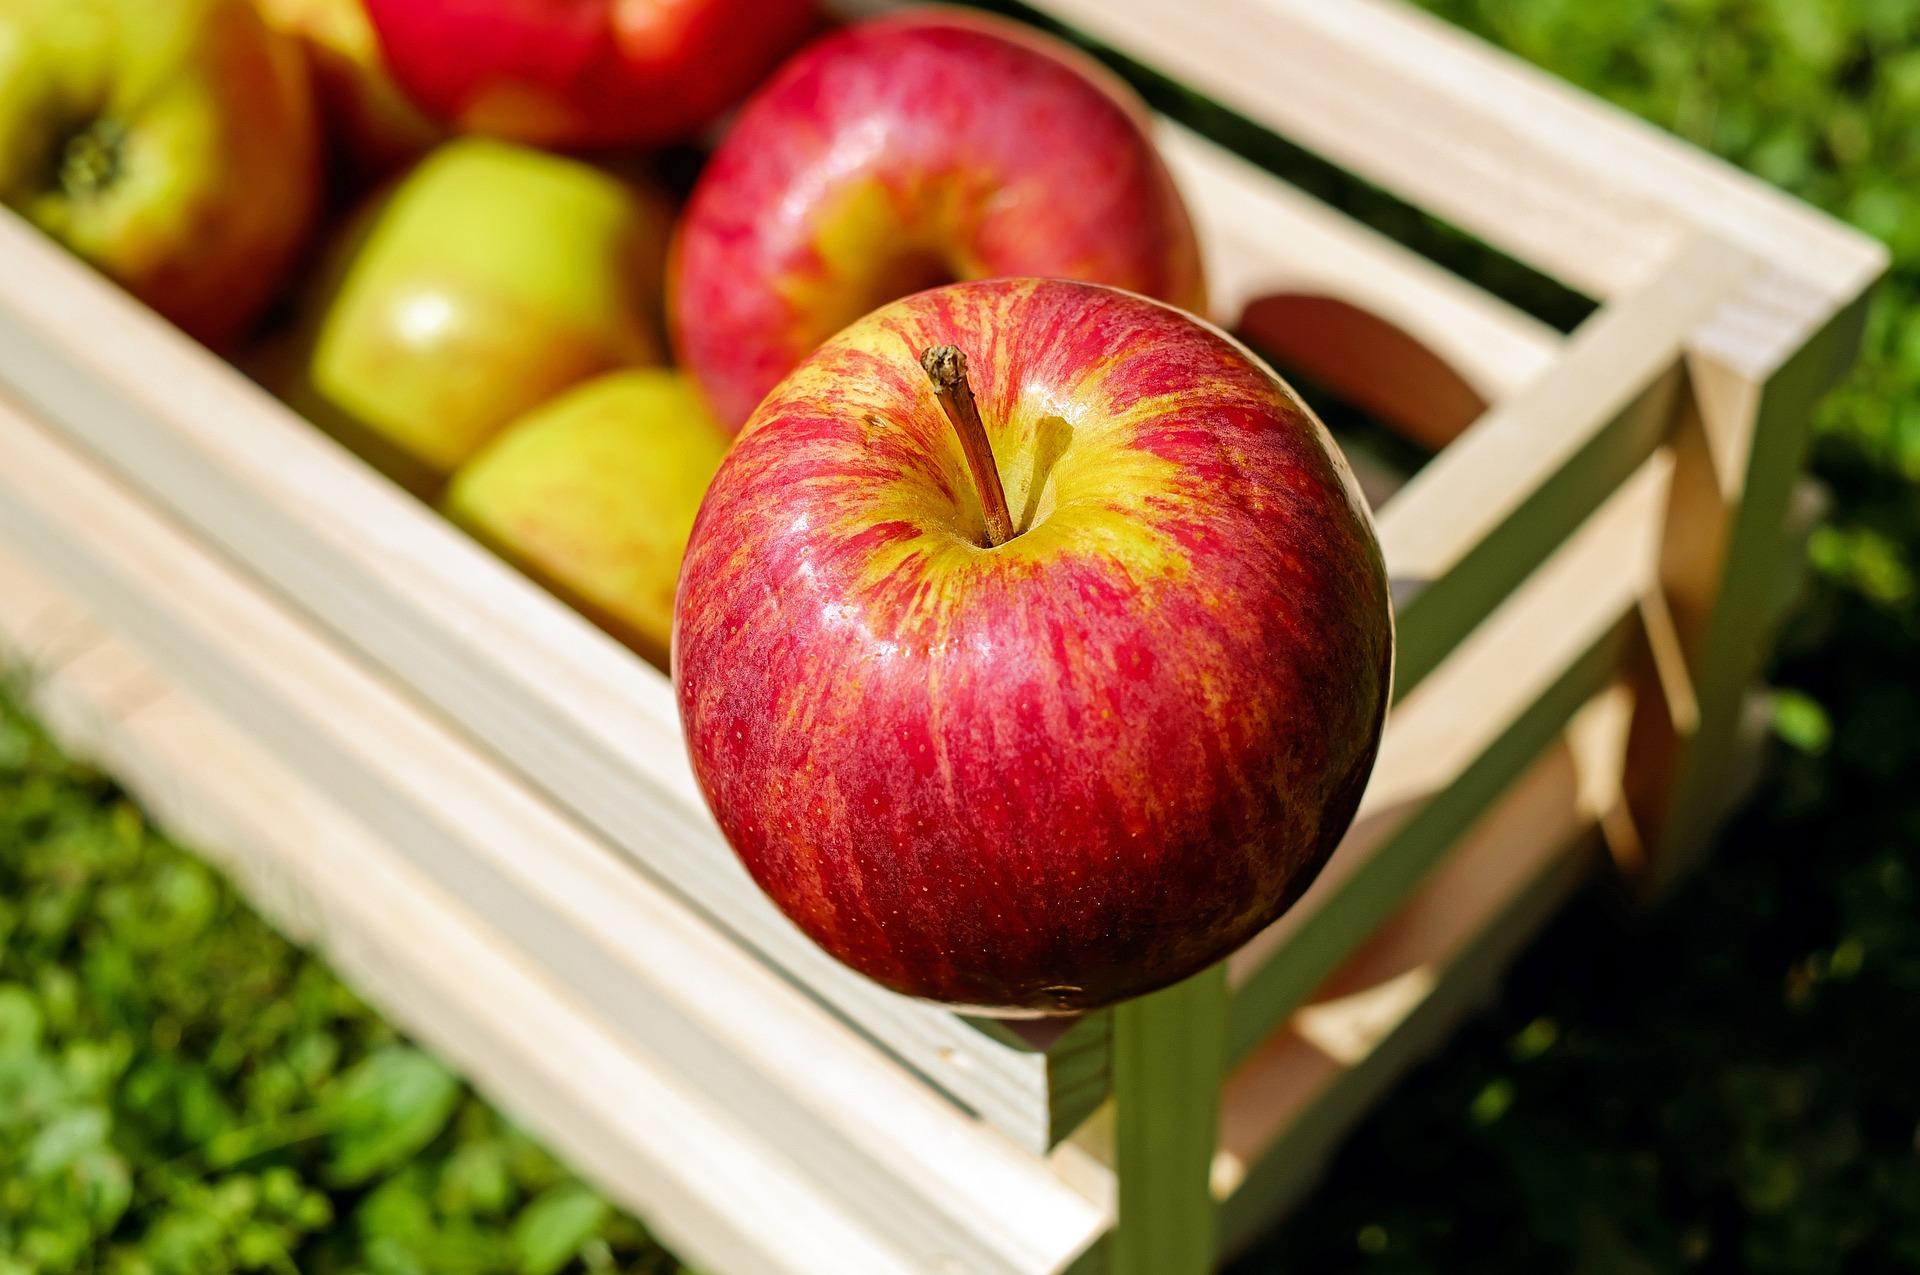 Az alma igenis superfood! Kampány indult, melyben a héjától a magjáig megismertetnek a gyümölccsel